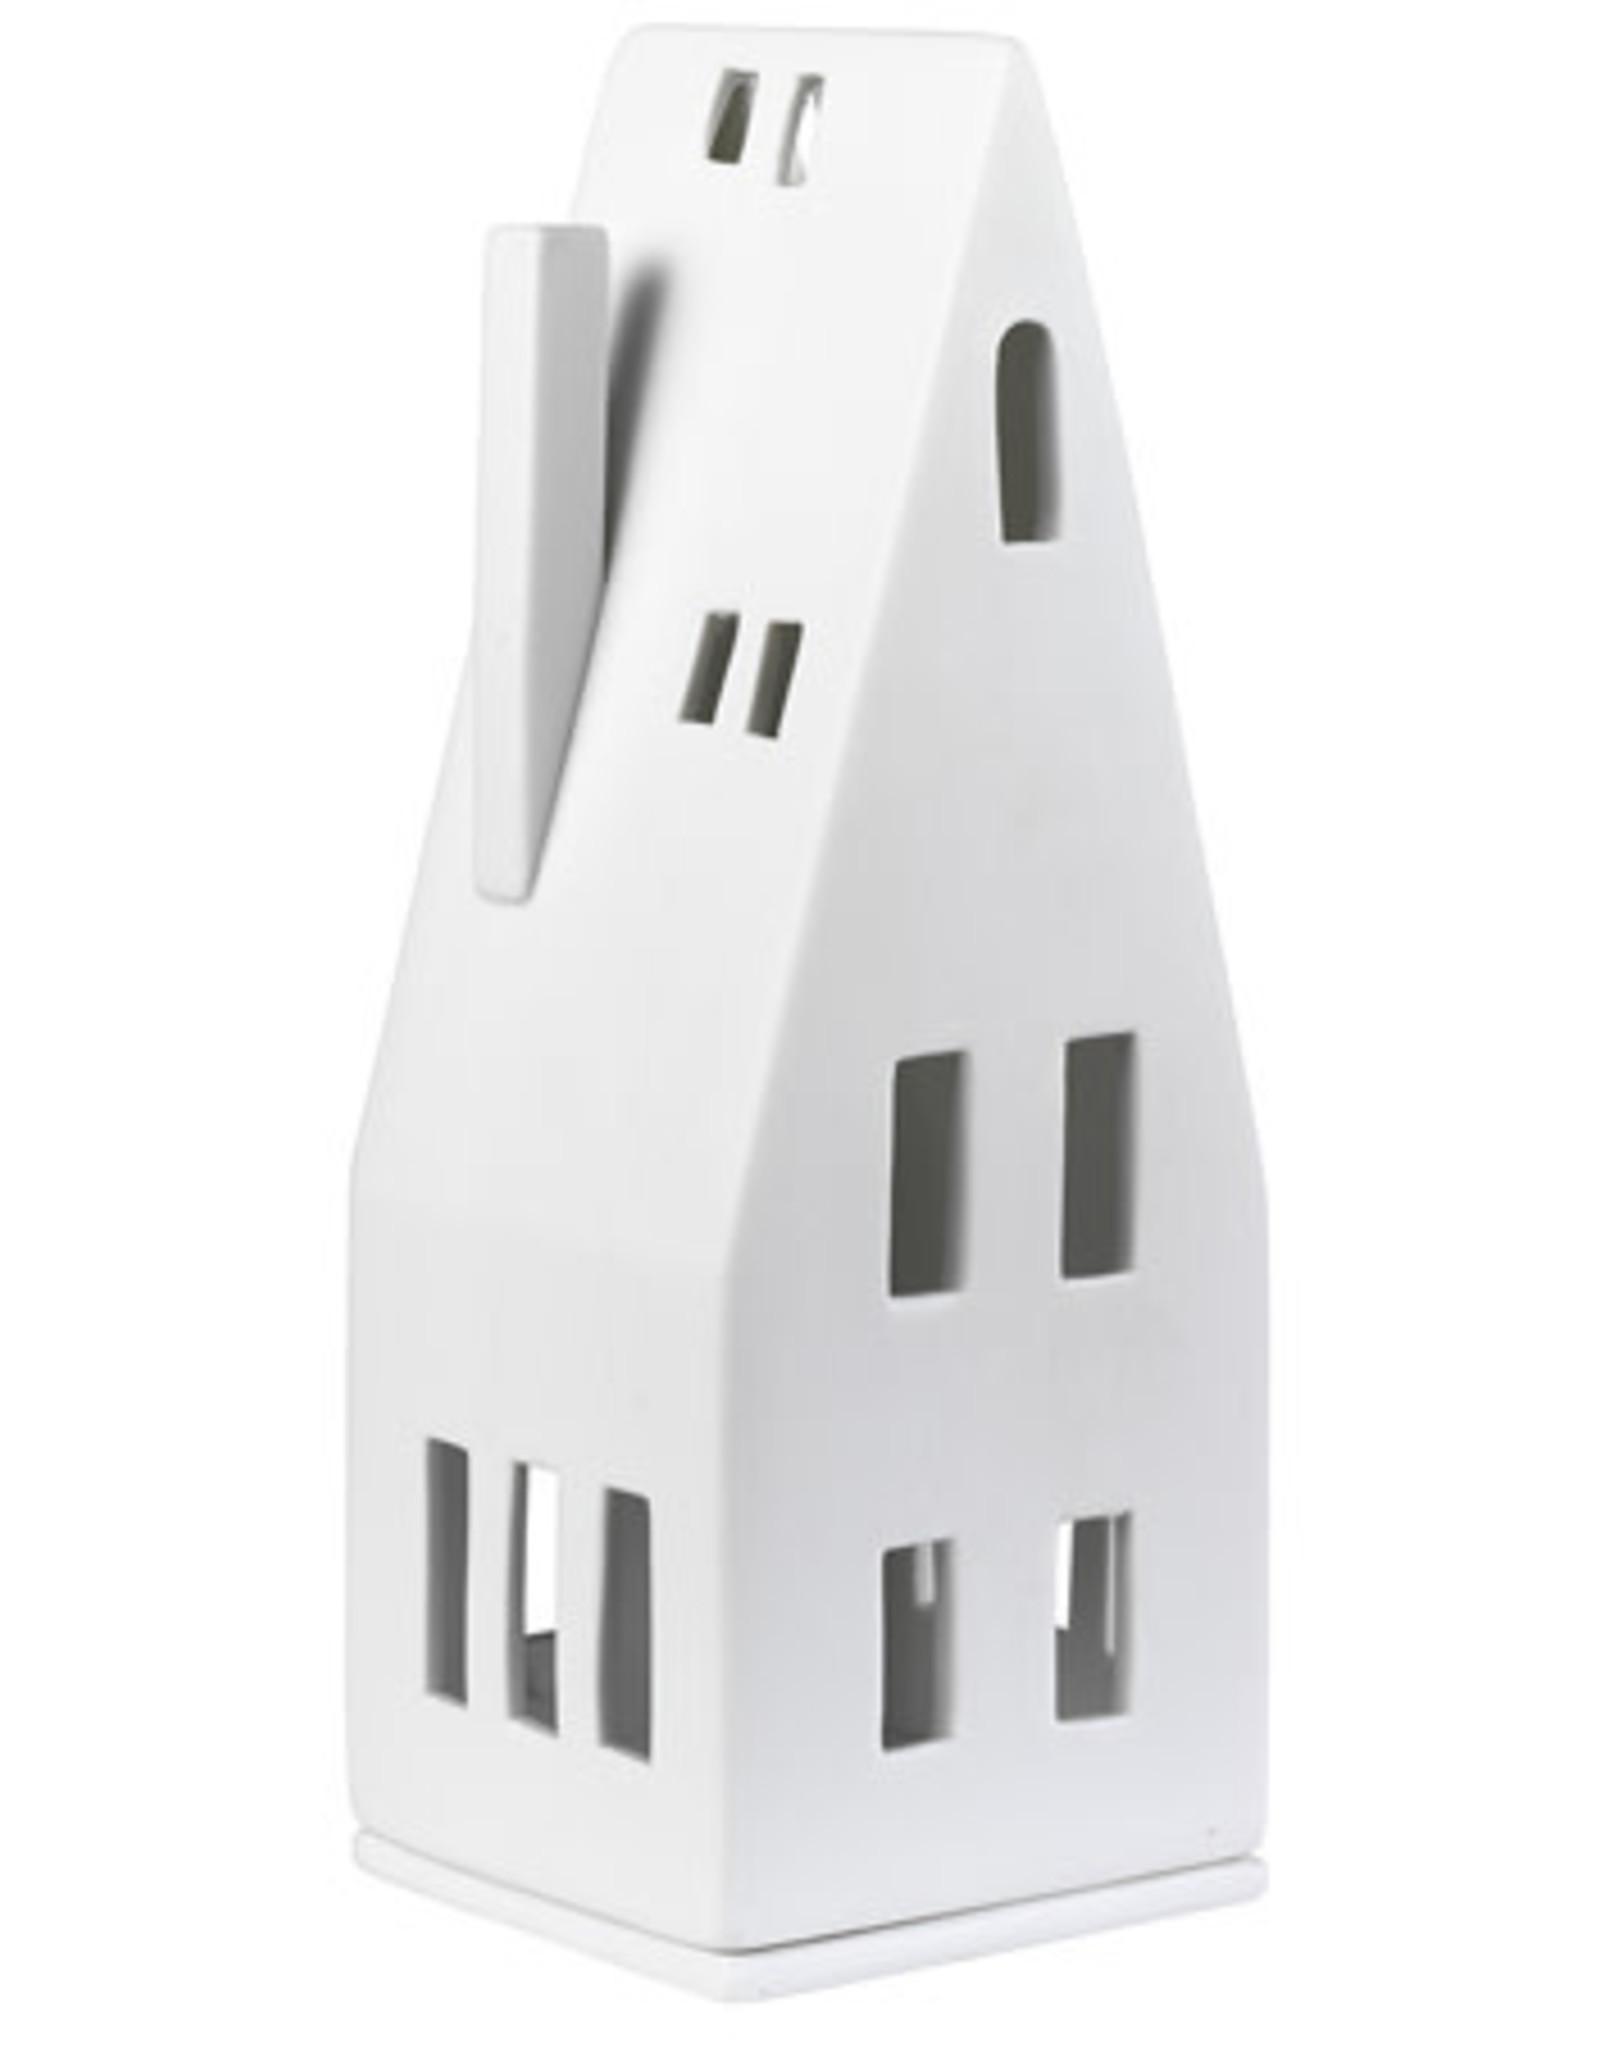 Räder Rader- Light house pitched roof